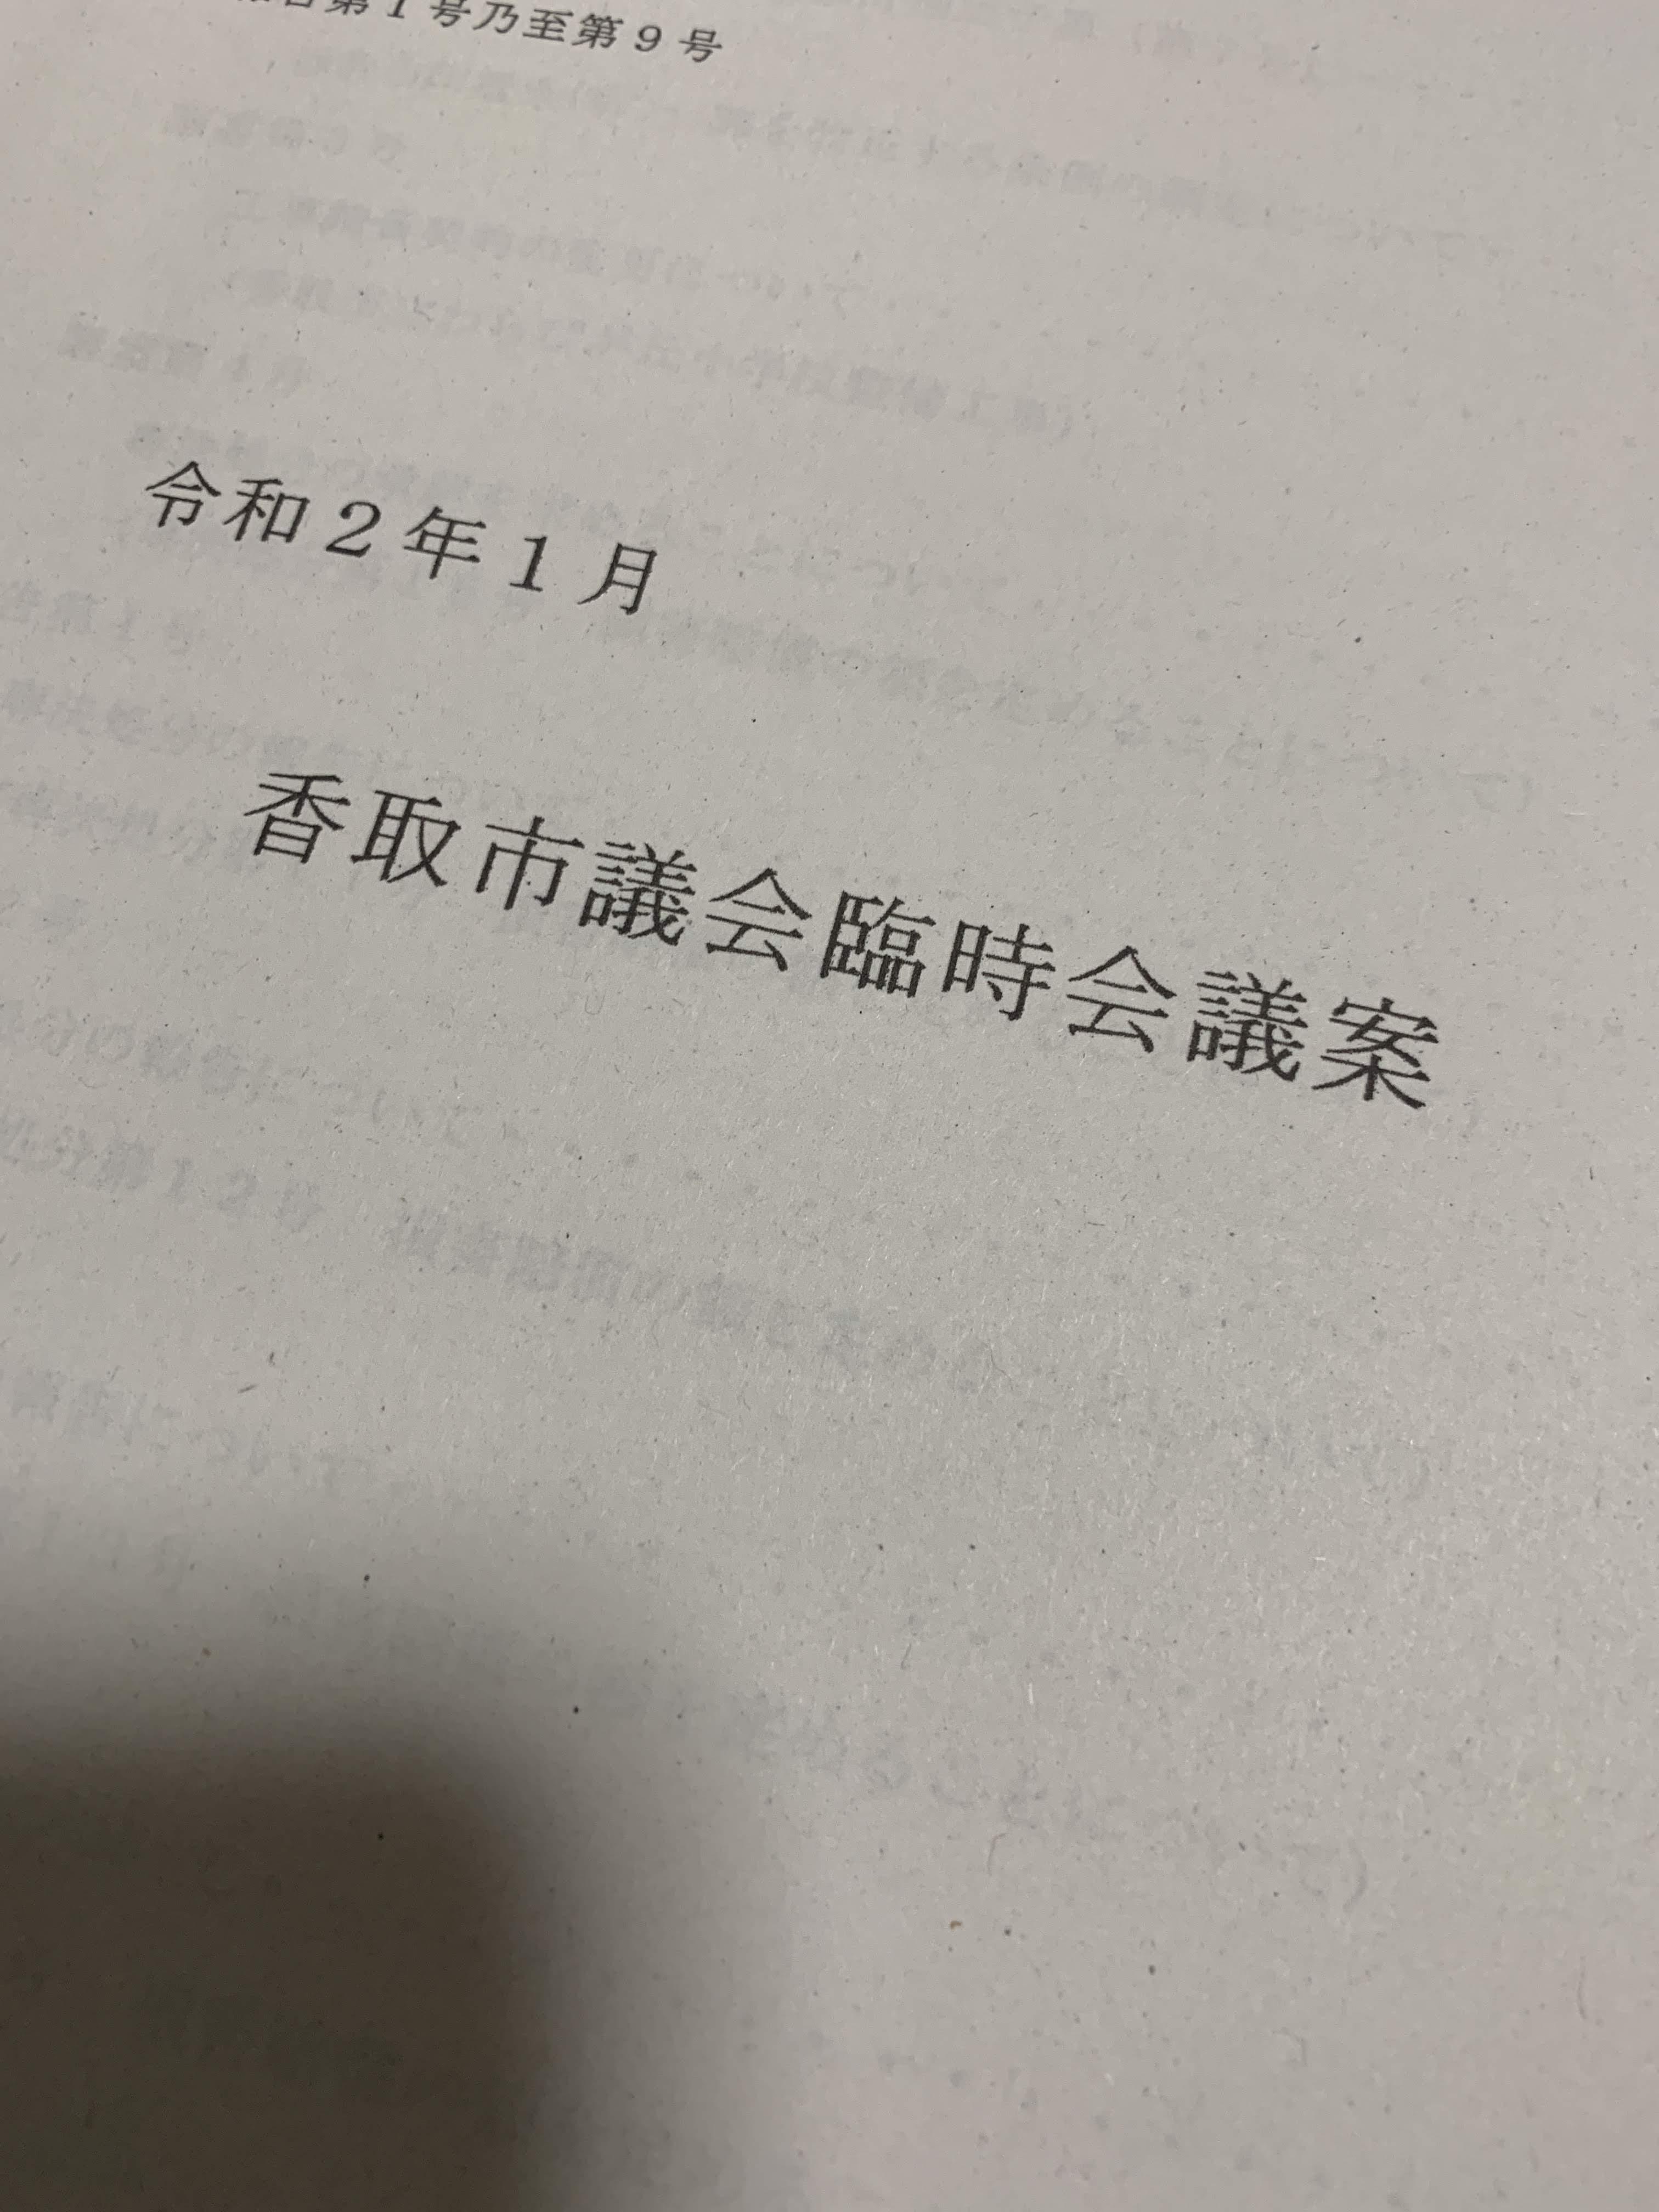 2020年01月24日 令和2年1月香取市議会臨時会